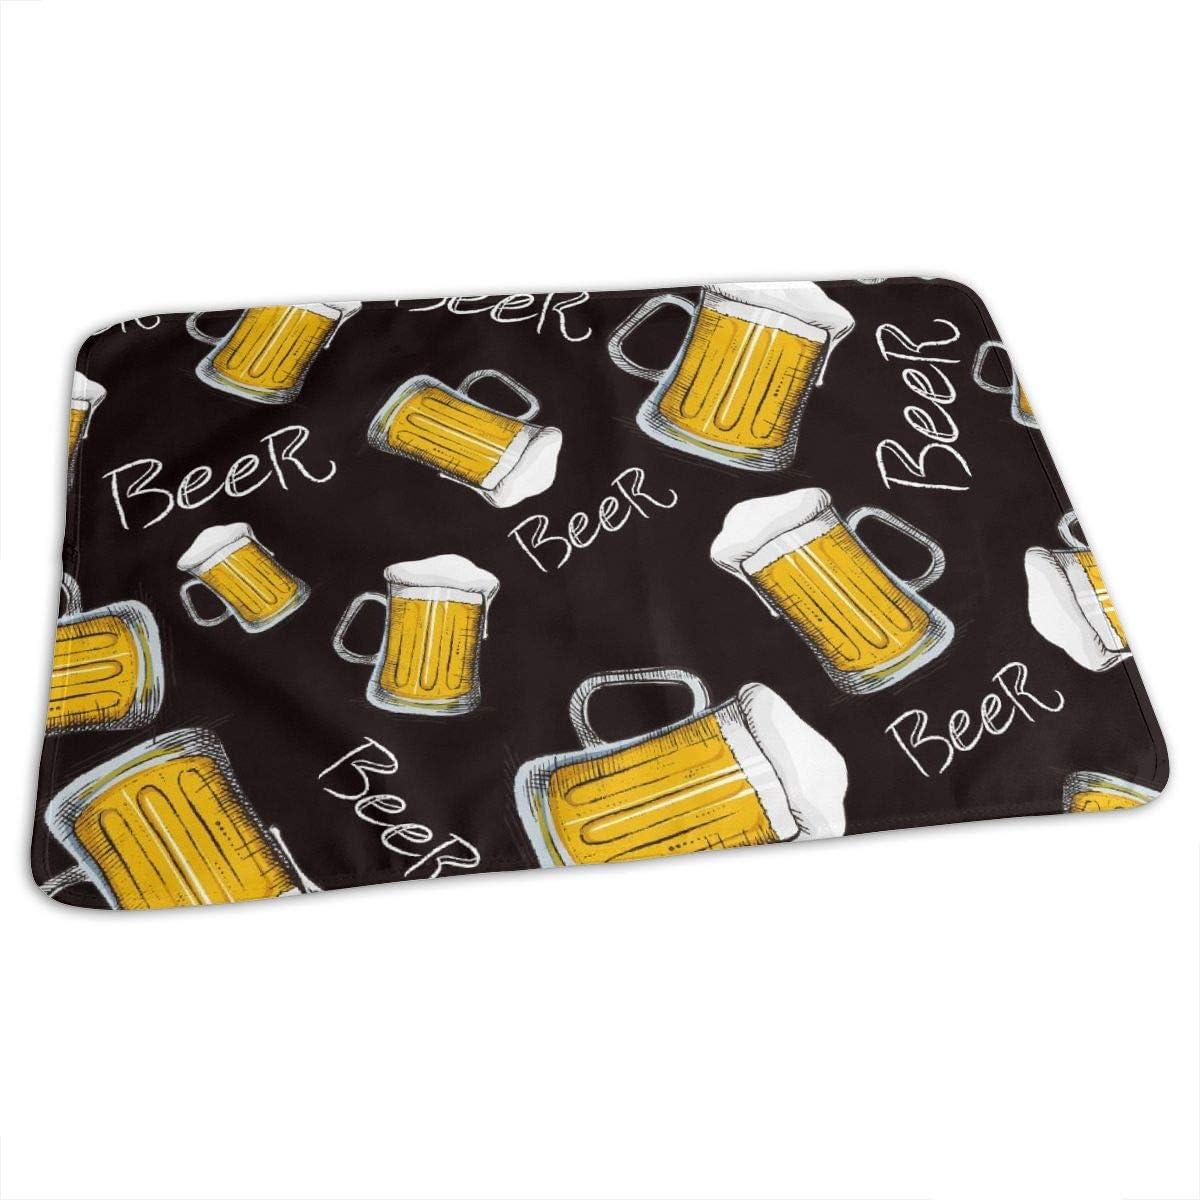 New York Mall UAJAR 25% OFF Beer Mug Baby Reusable Portable Pad Changing Travel Cover